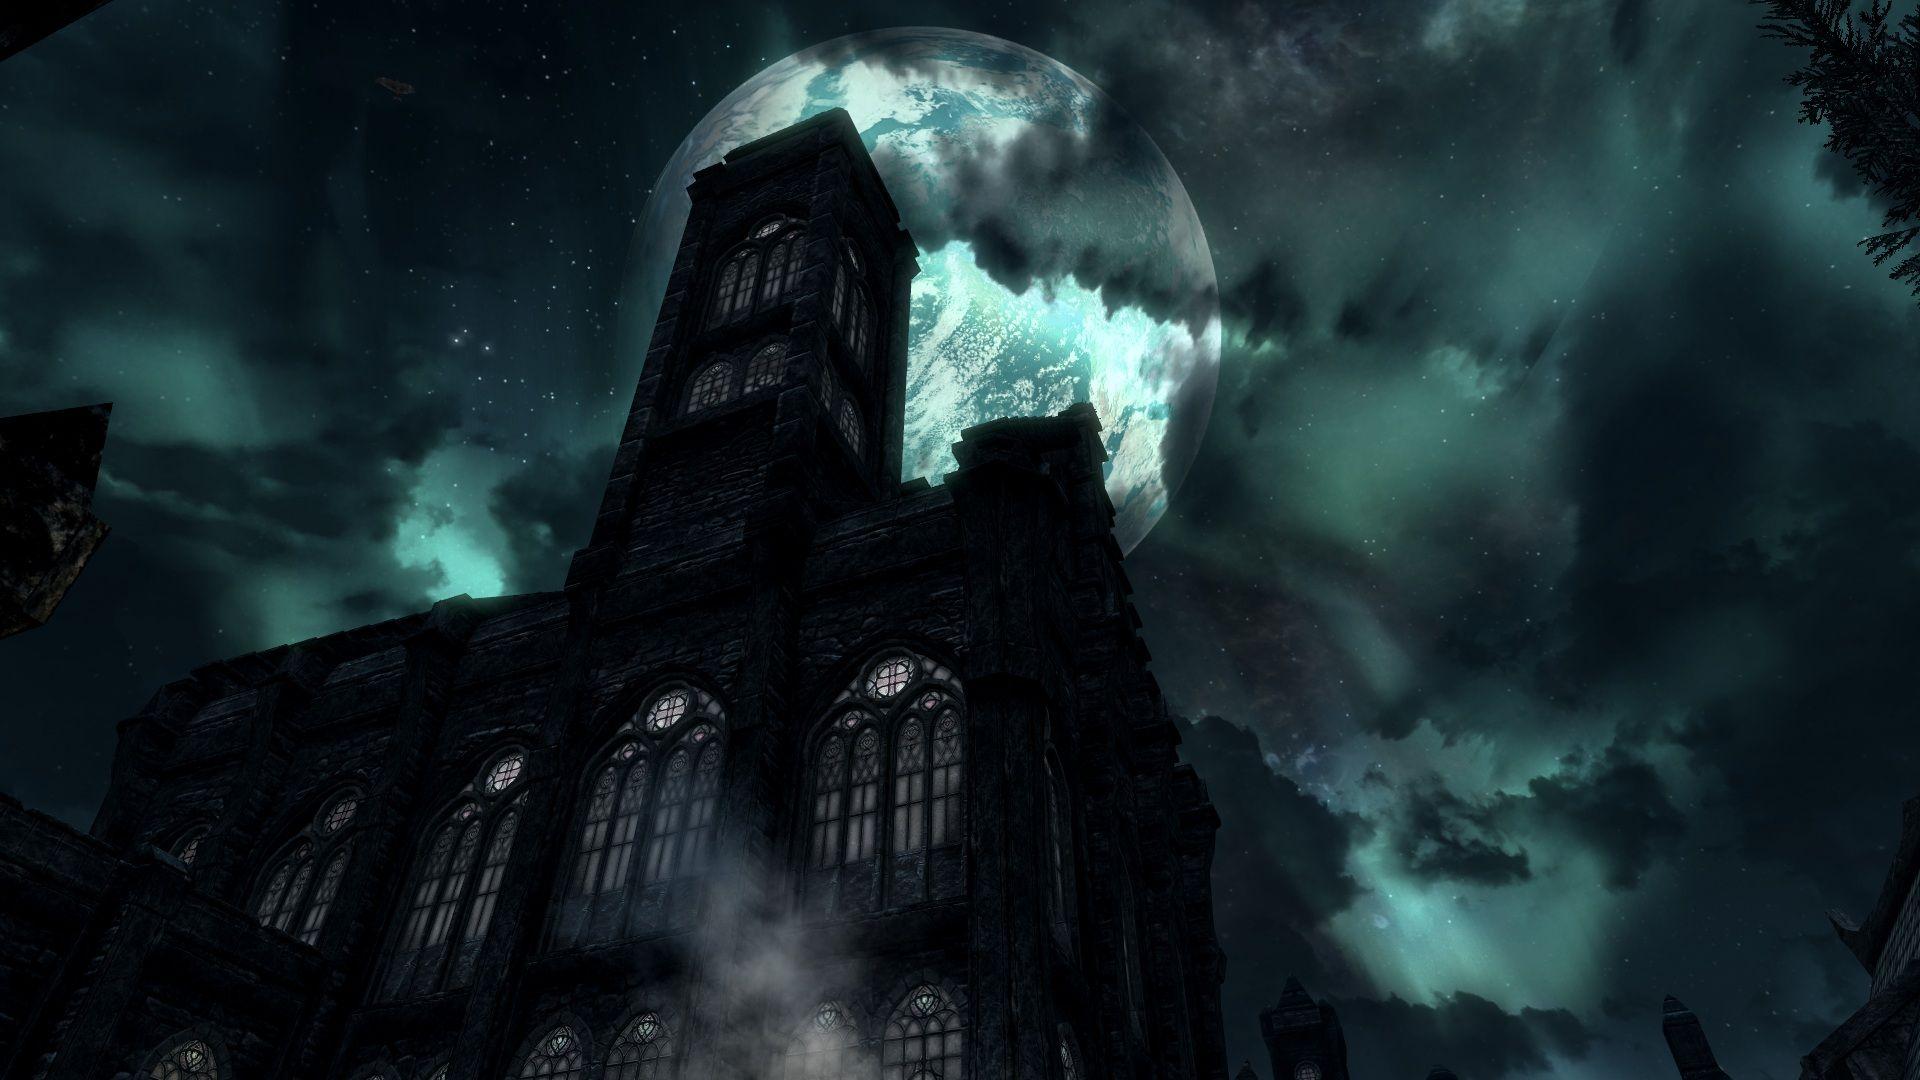 vampire castle wallpaper desktop background bli4